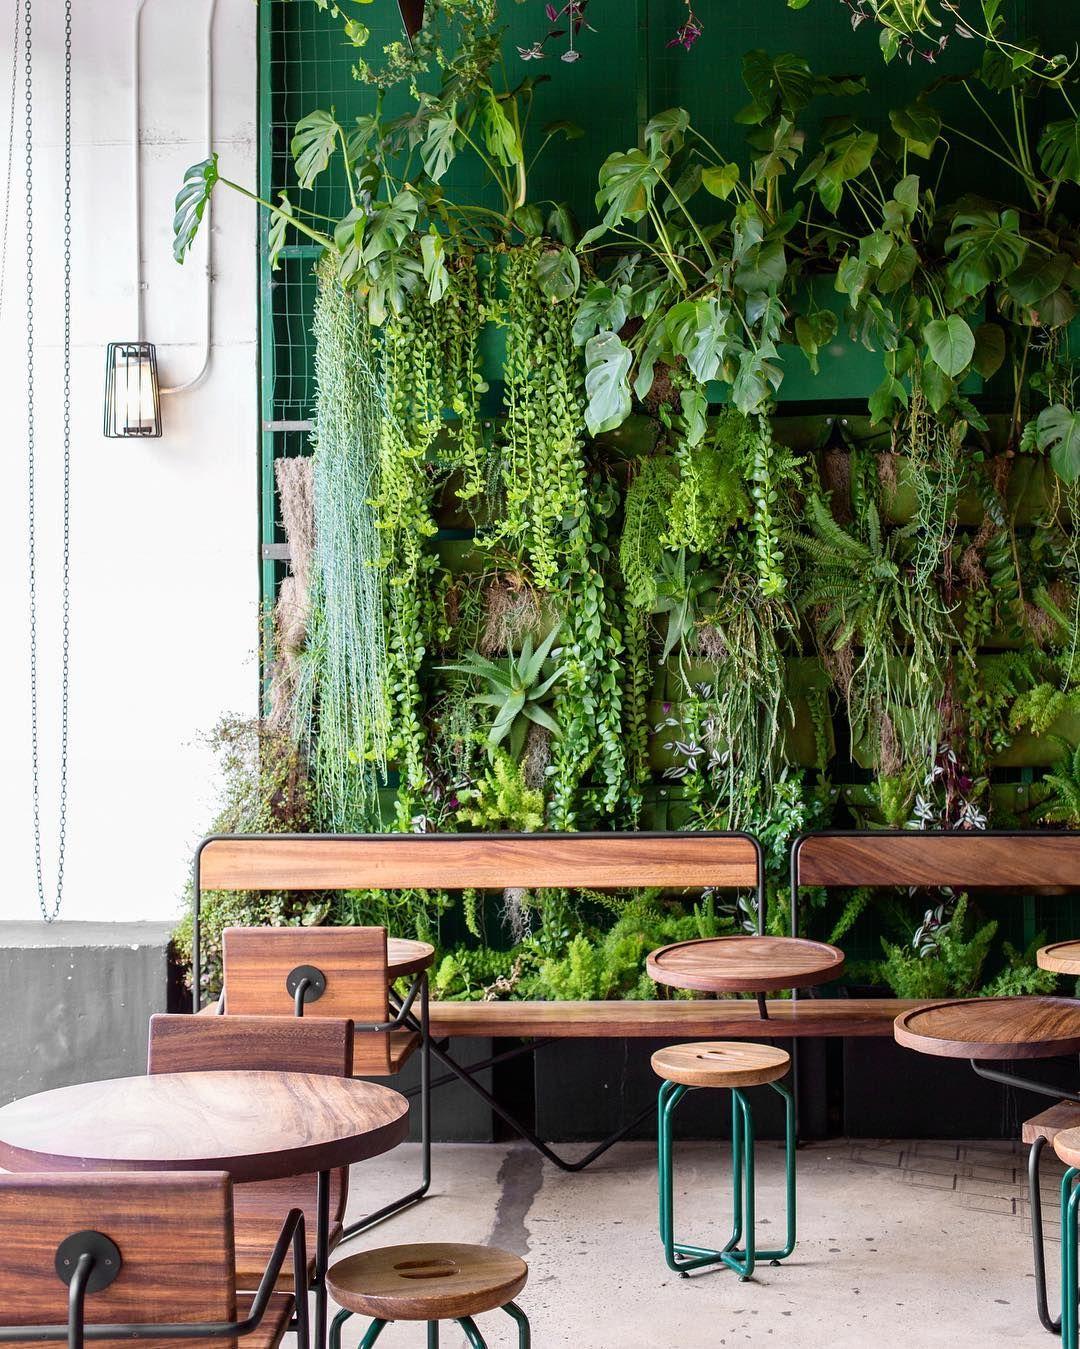 I Love Vertical Gardens! #gardens #homedesign